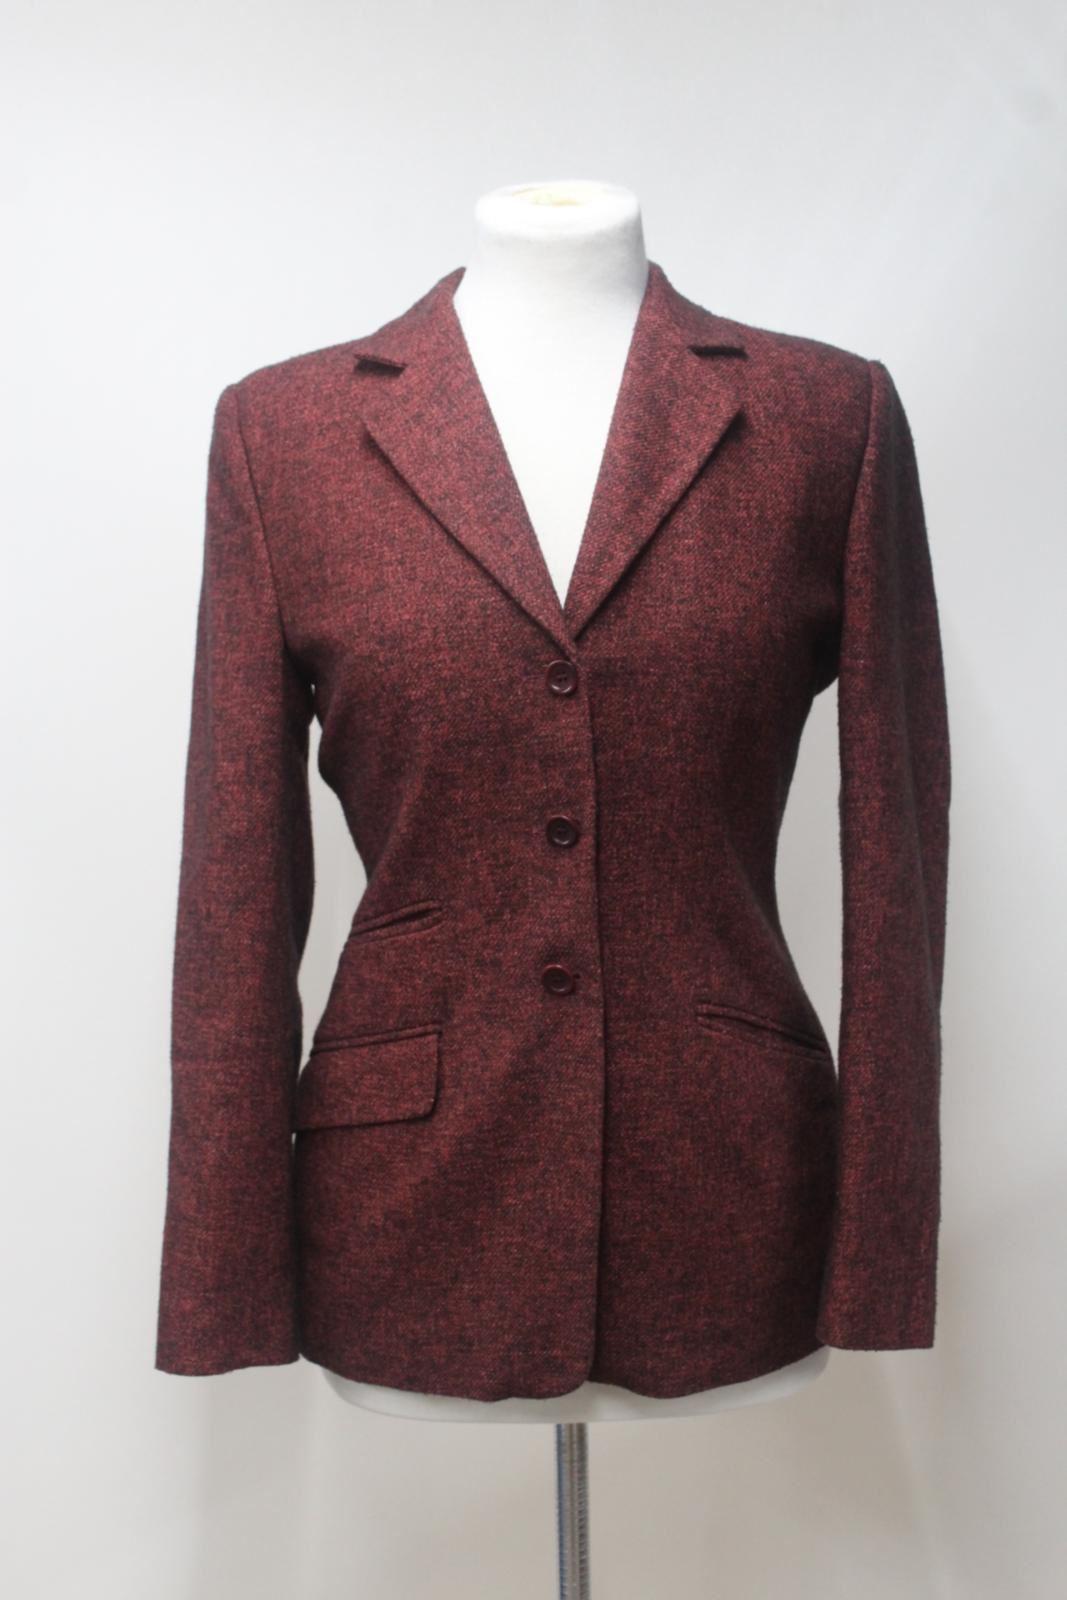 PENNY-BLACK-Ladies-Brick-Red-Wool-Blend-Single-Breasted-Jacket-Blazer-IT40-UK8